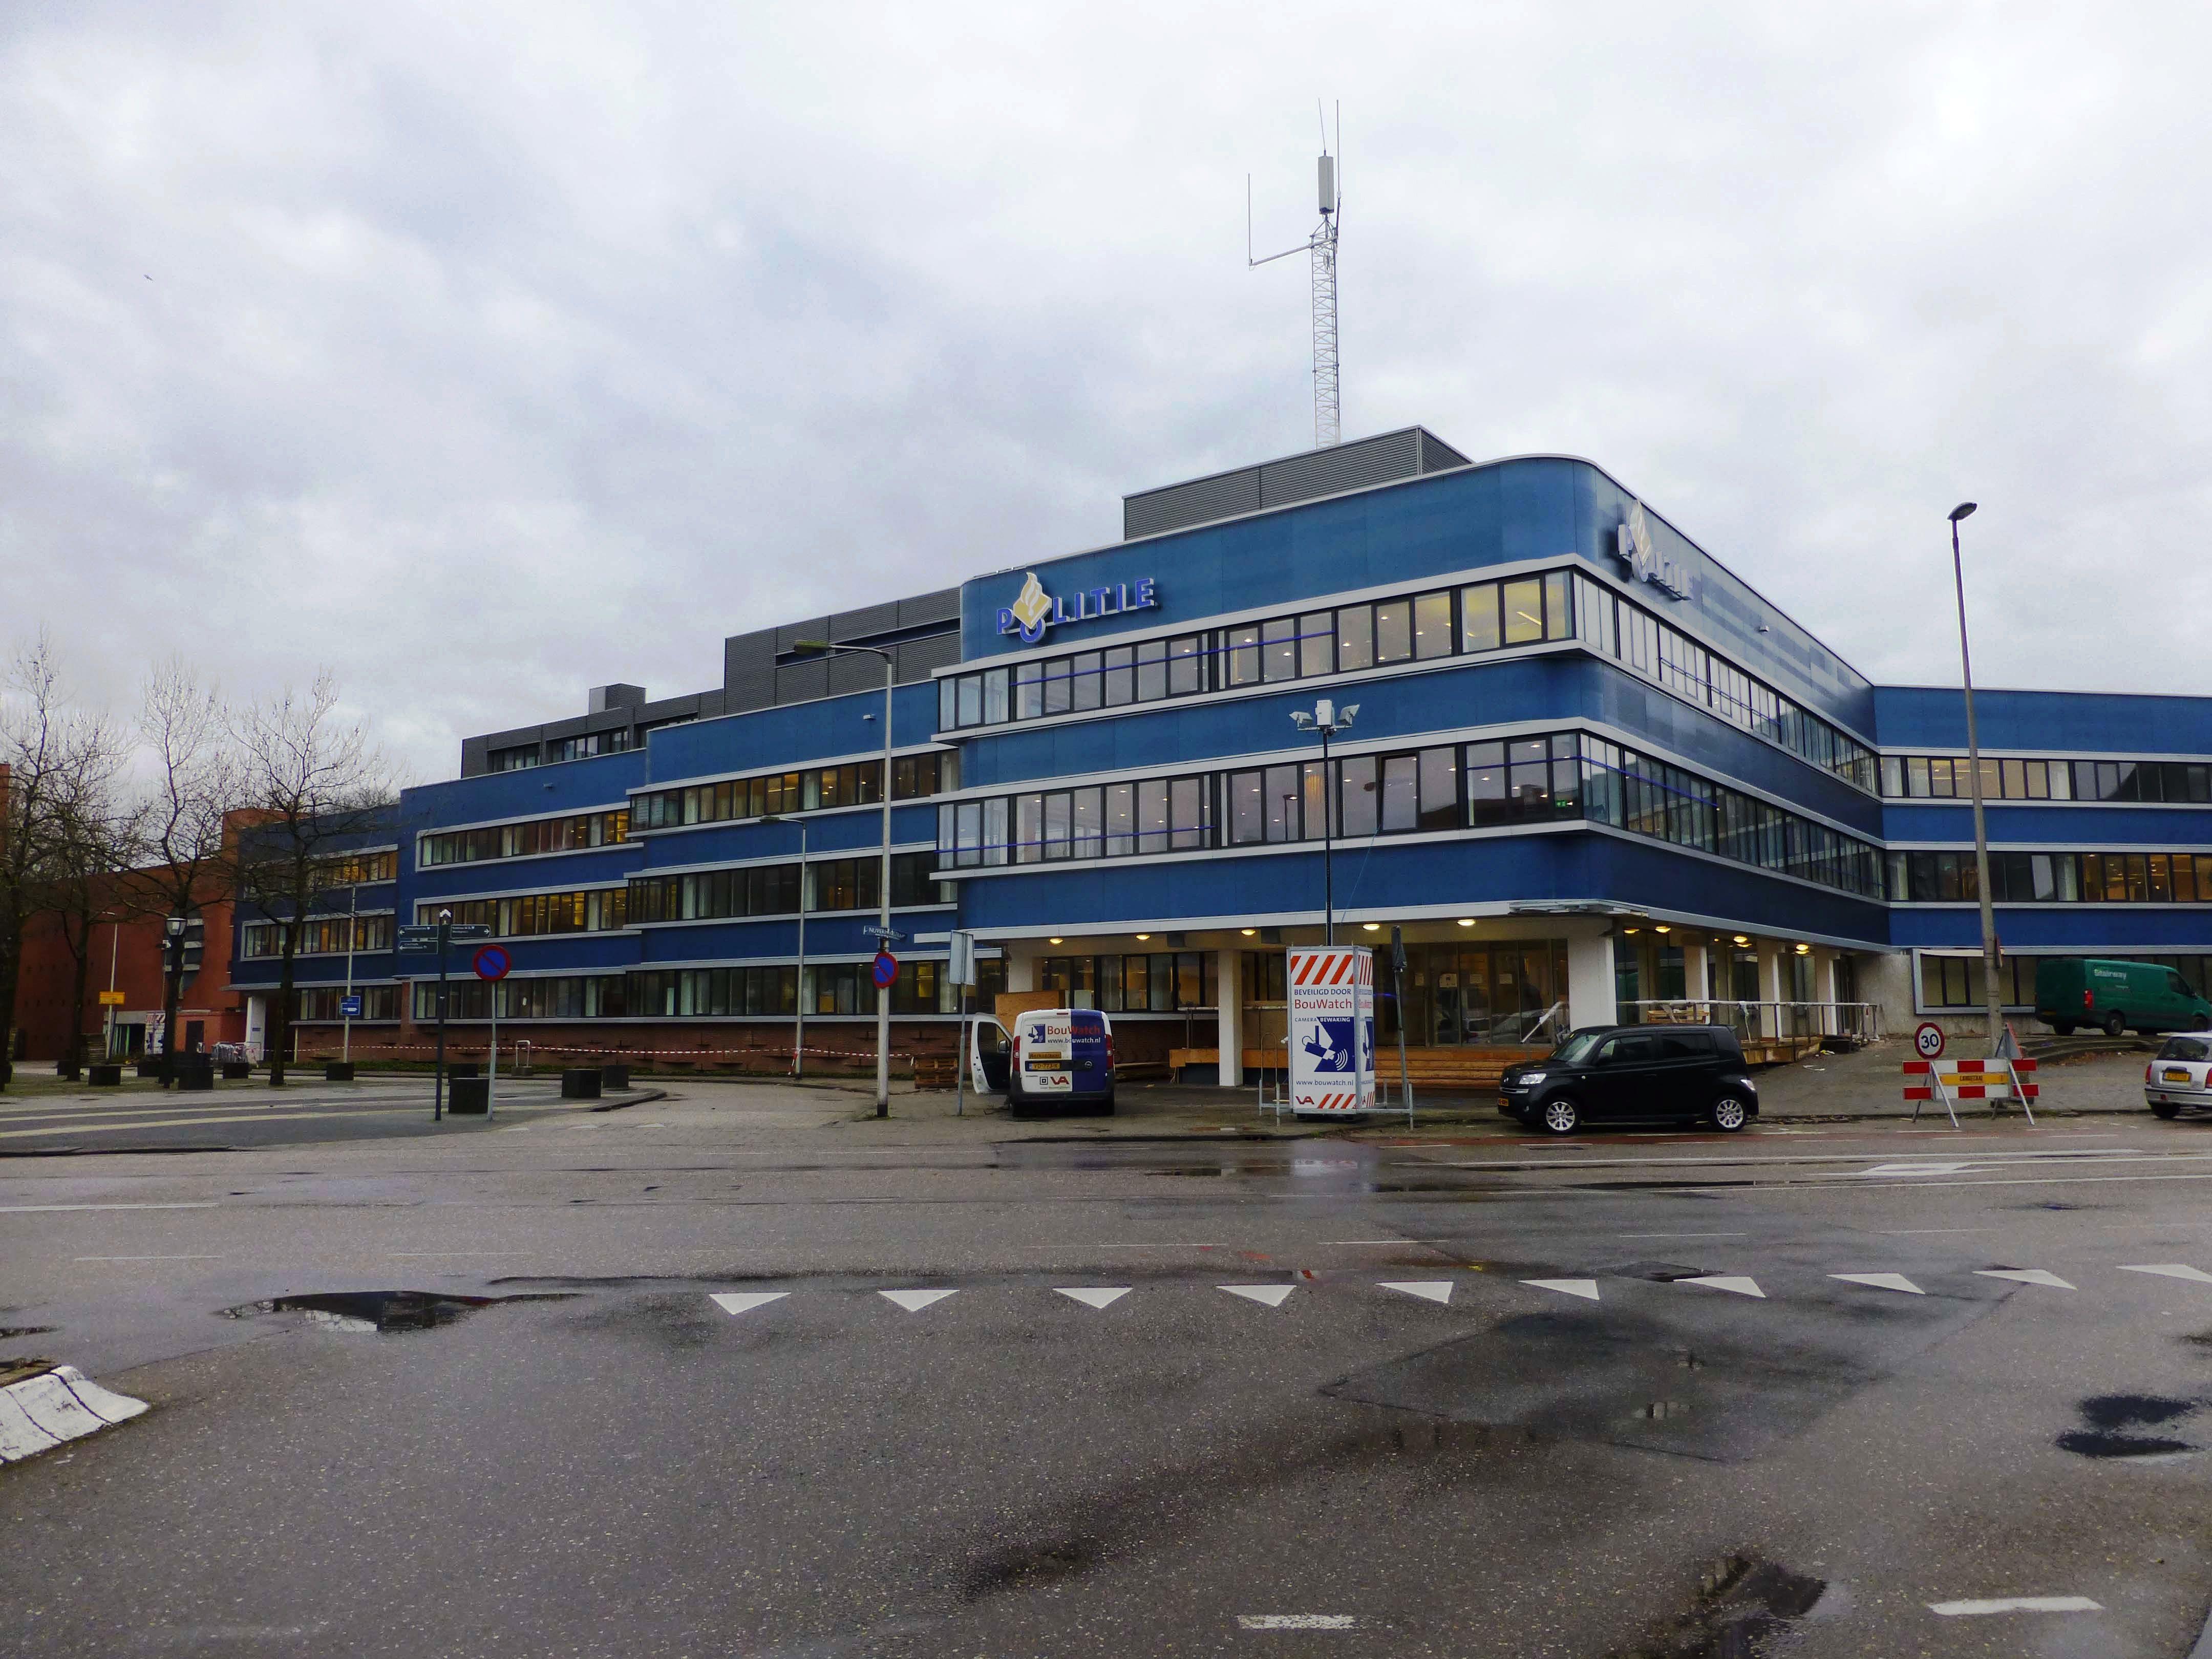 De borstweringen van het politiebureau van de Regionale eenheid Oost-Nederland in Enschede zijn bekleed met platen smeltglas in reliëf in de kleur 'politieblauw'.